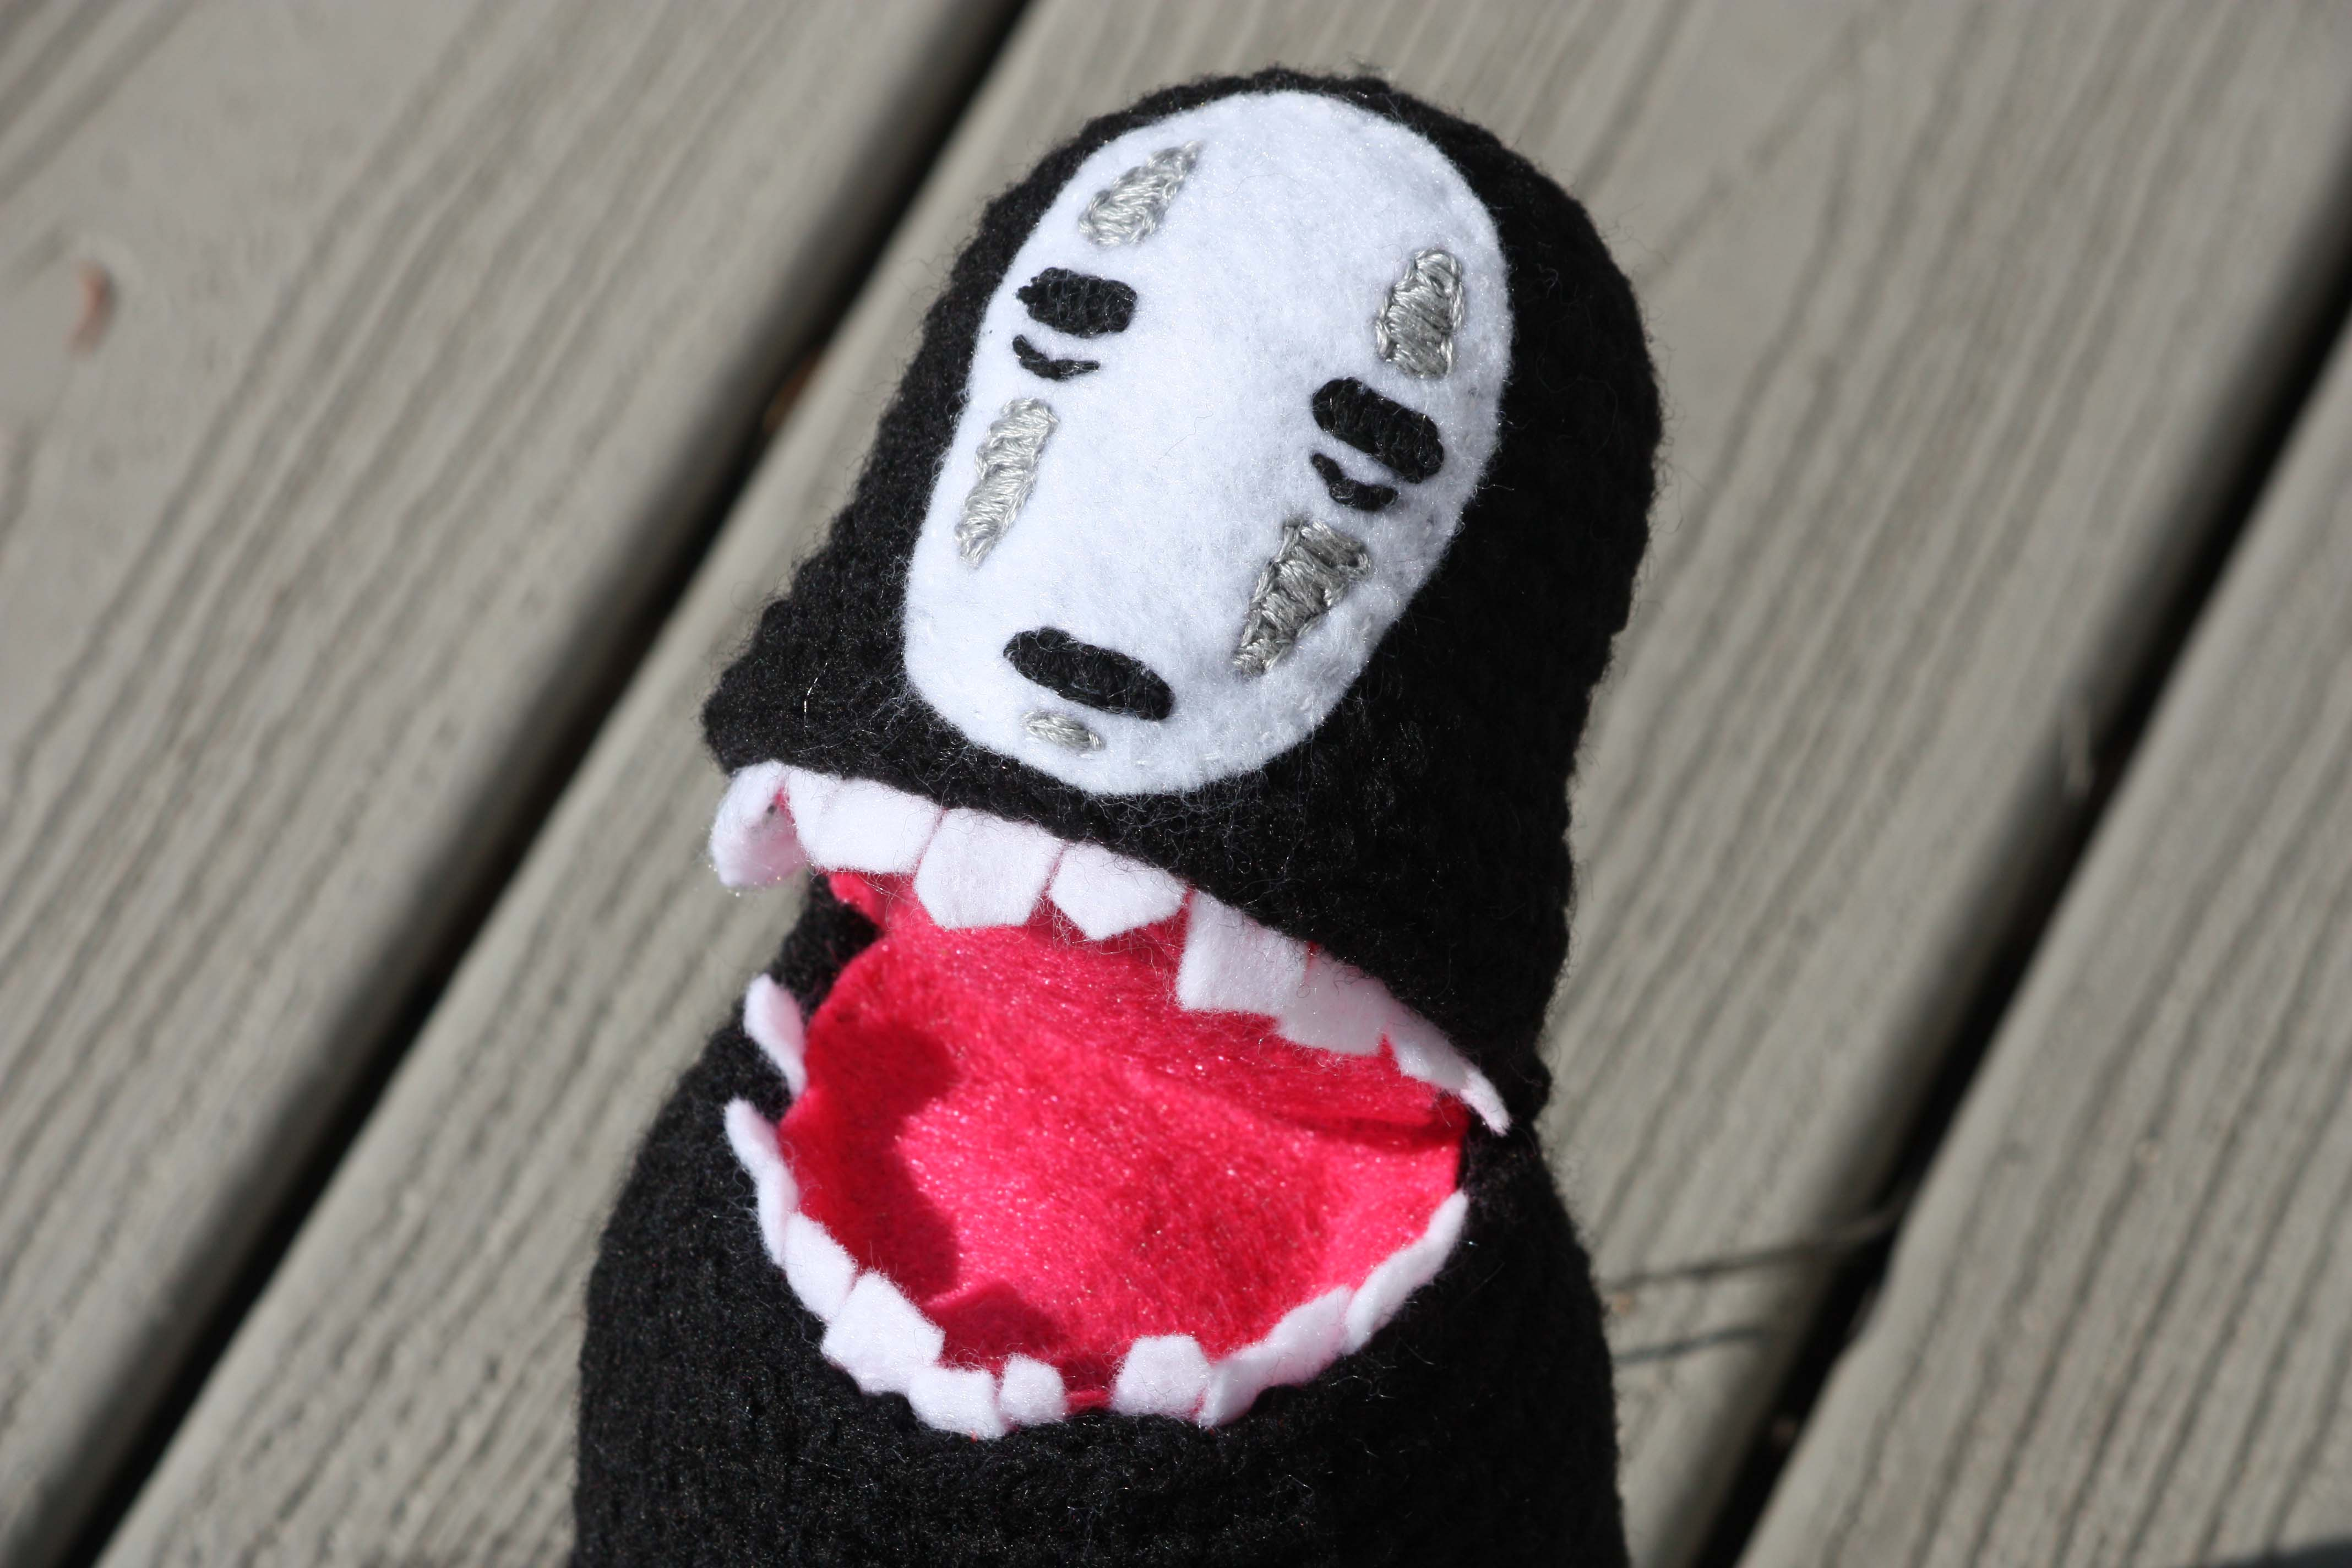 Embroidering Amigurumi Faces : Amigurumi no face kaonashi from spirited away u2013 diy geekery